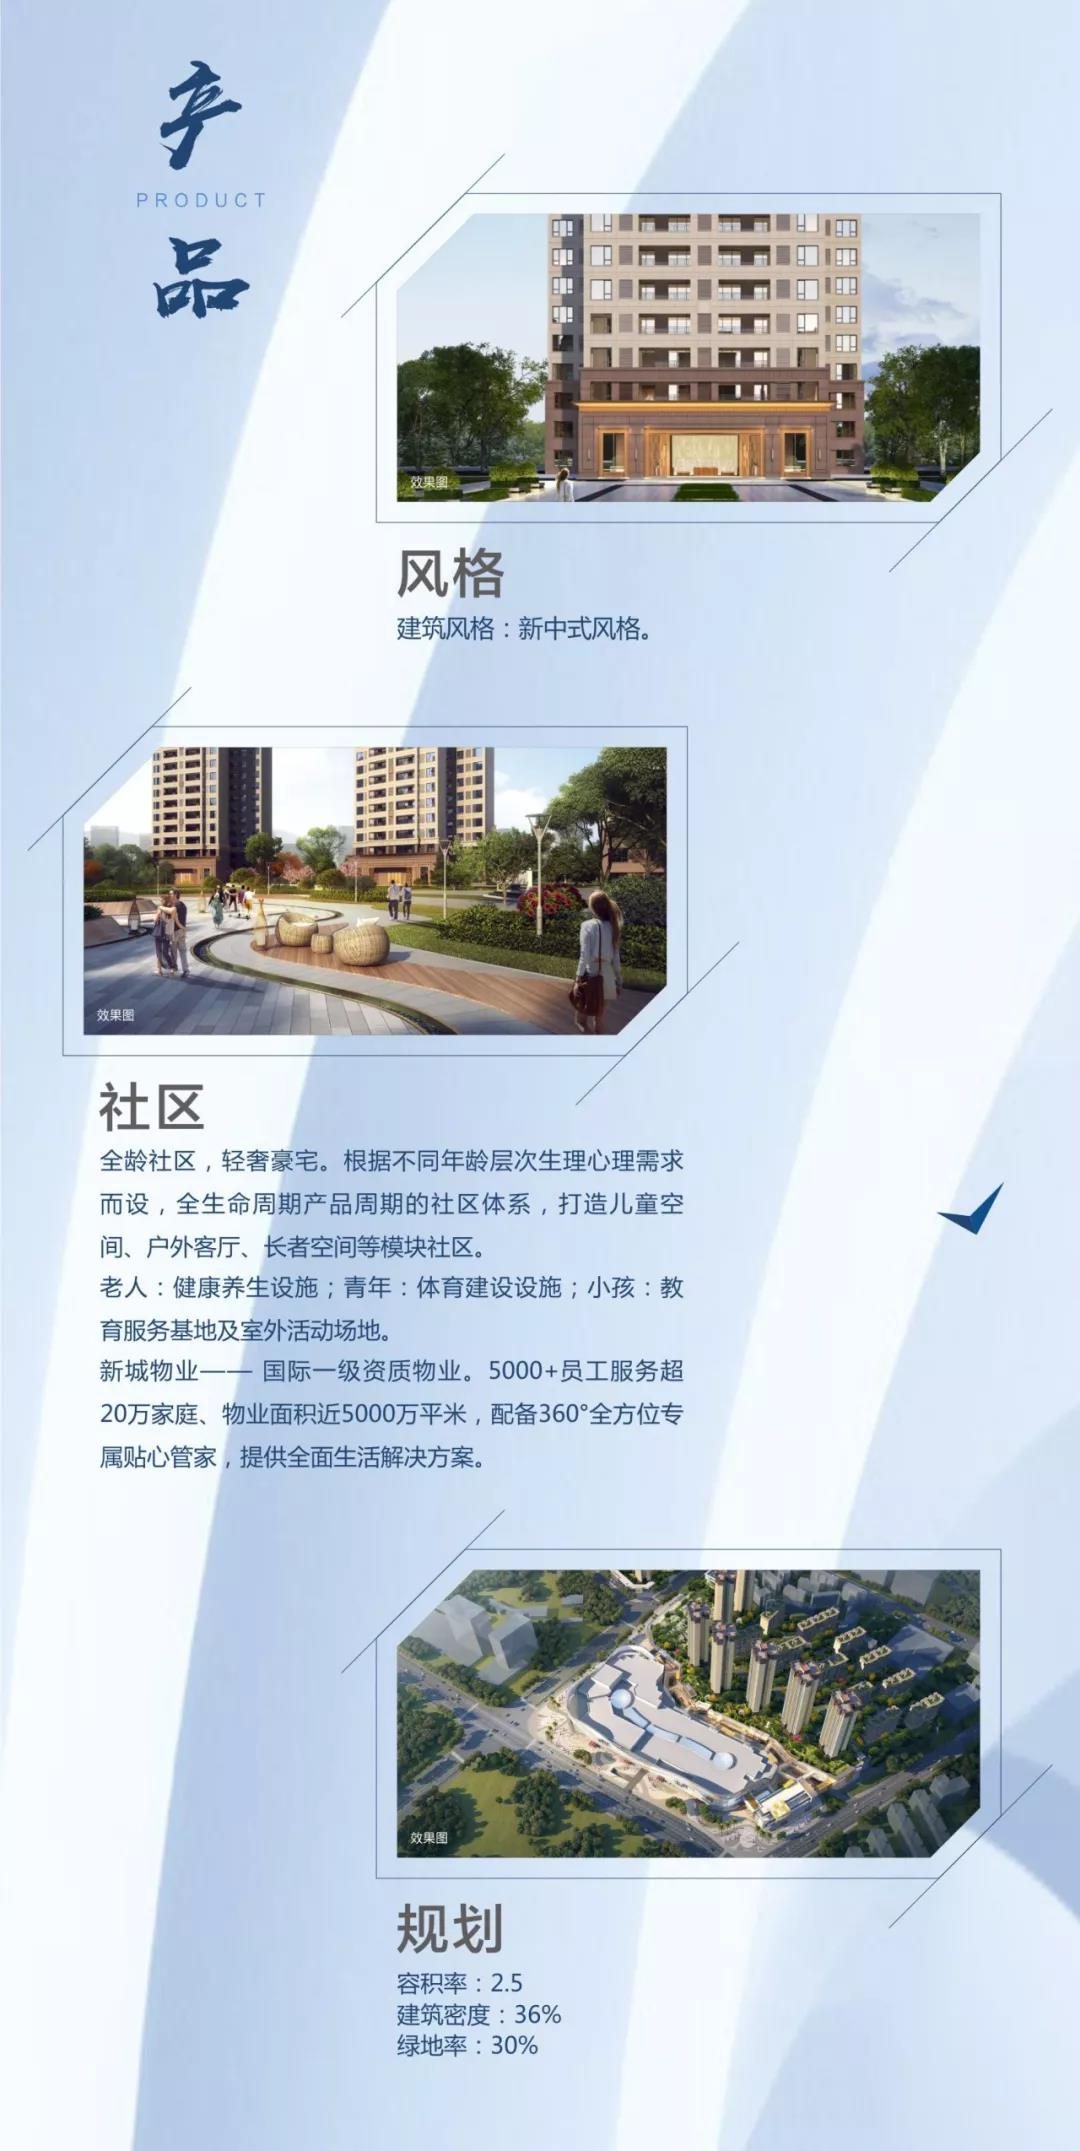 遵义新城吾悦广场: 你不得不知道的遵义大发展-中国网地产